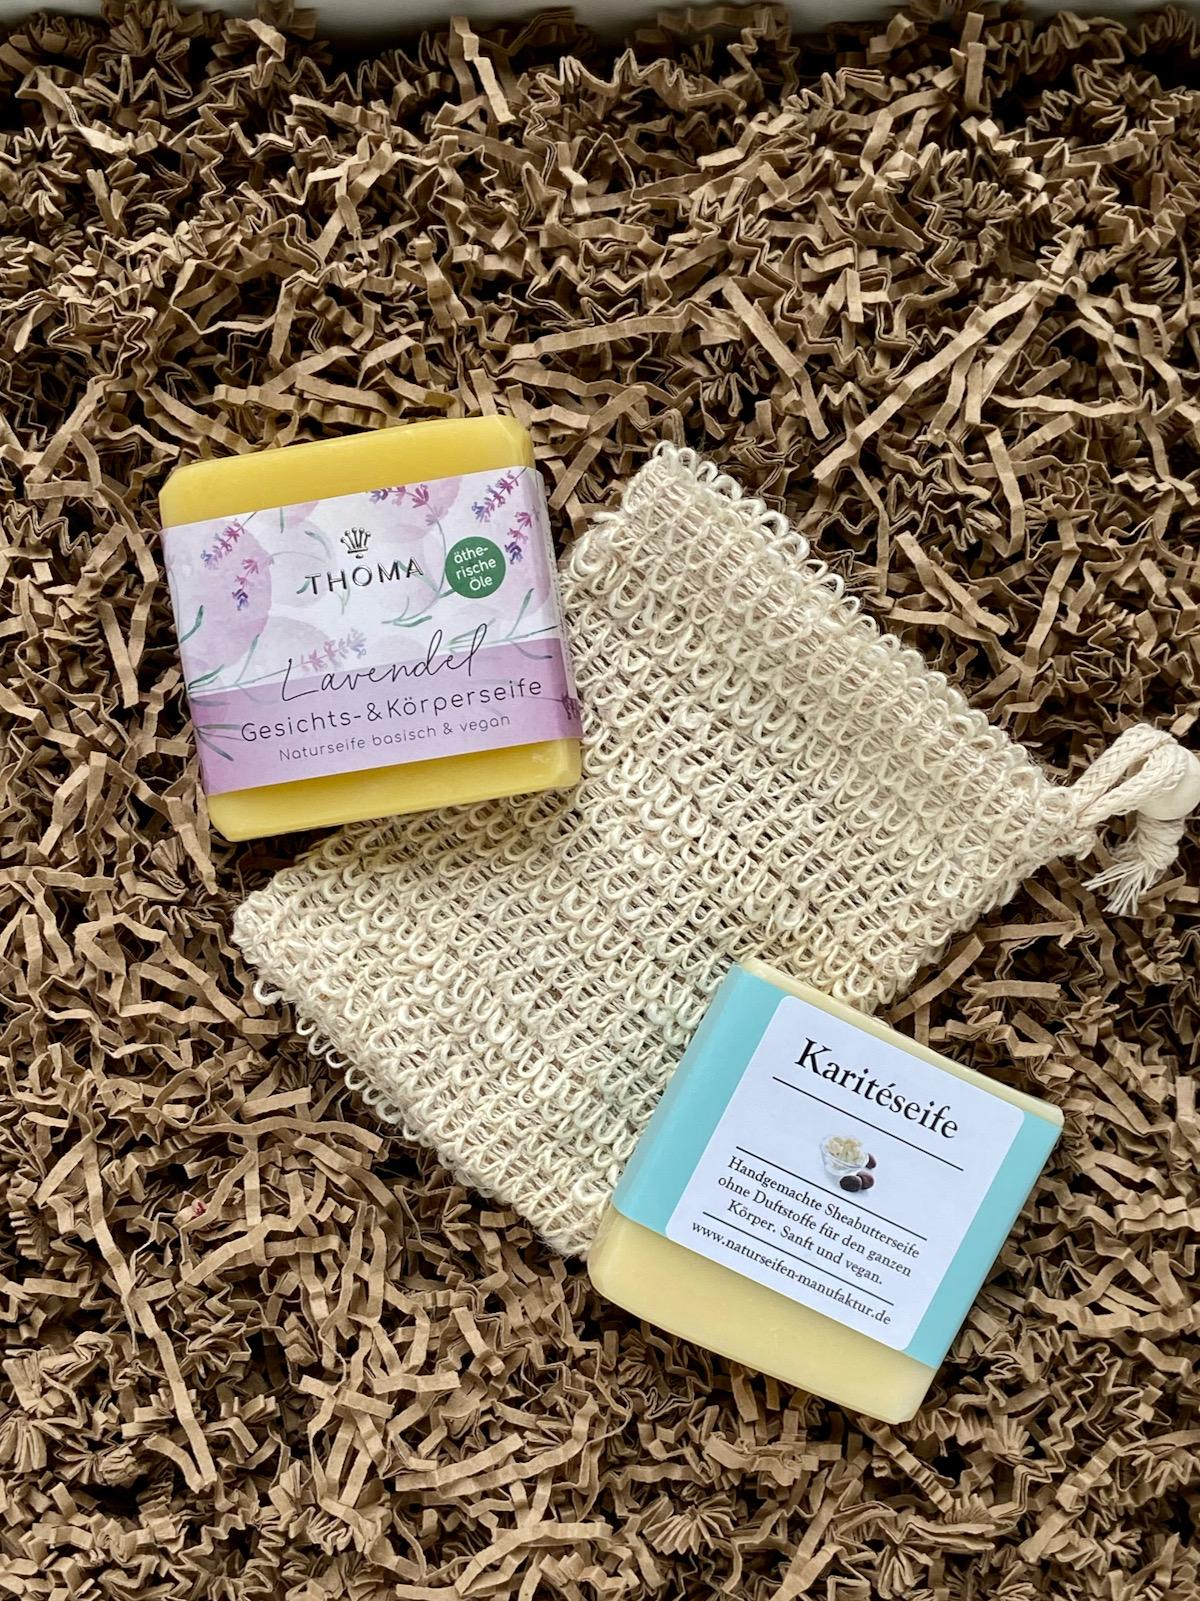 Naturseifen Manufaktur Uckermark Lavendelseife Karitéseife